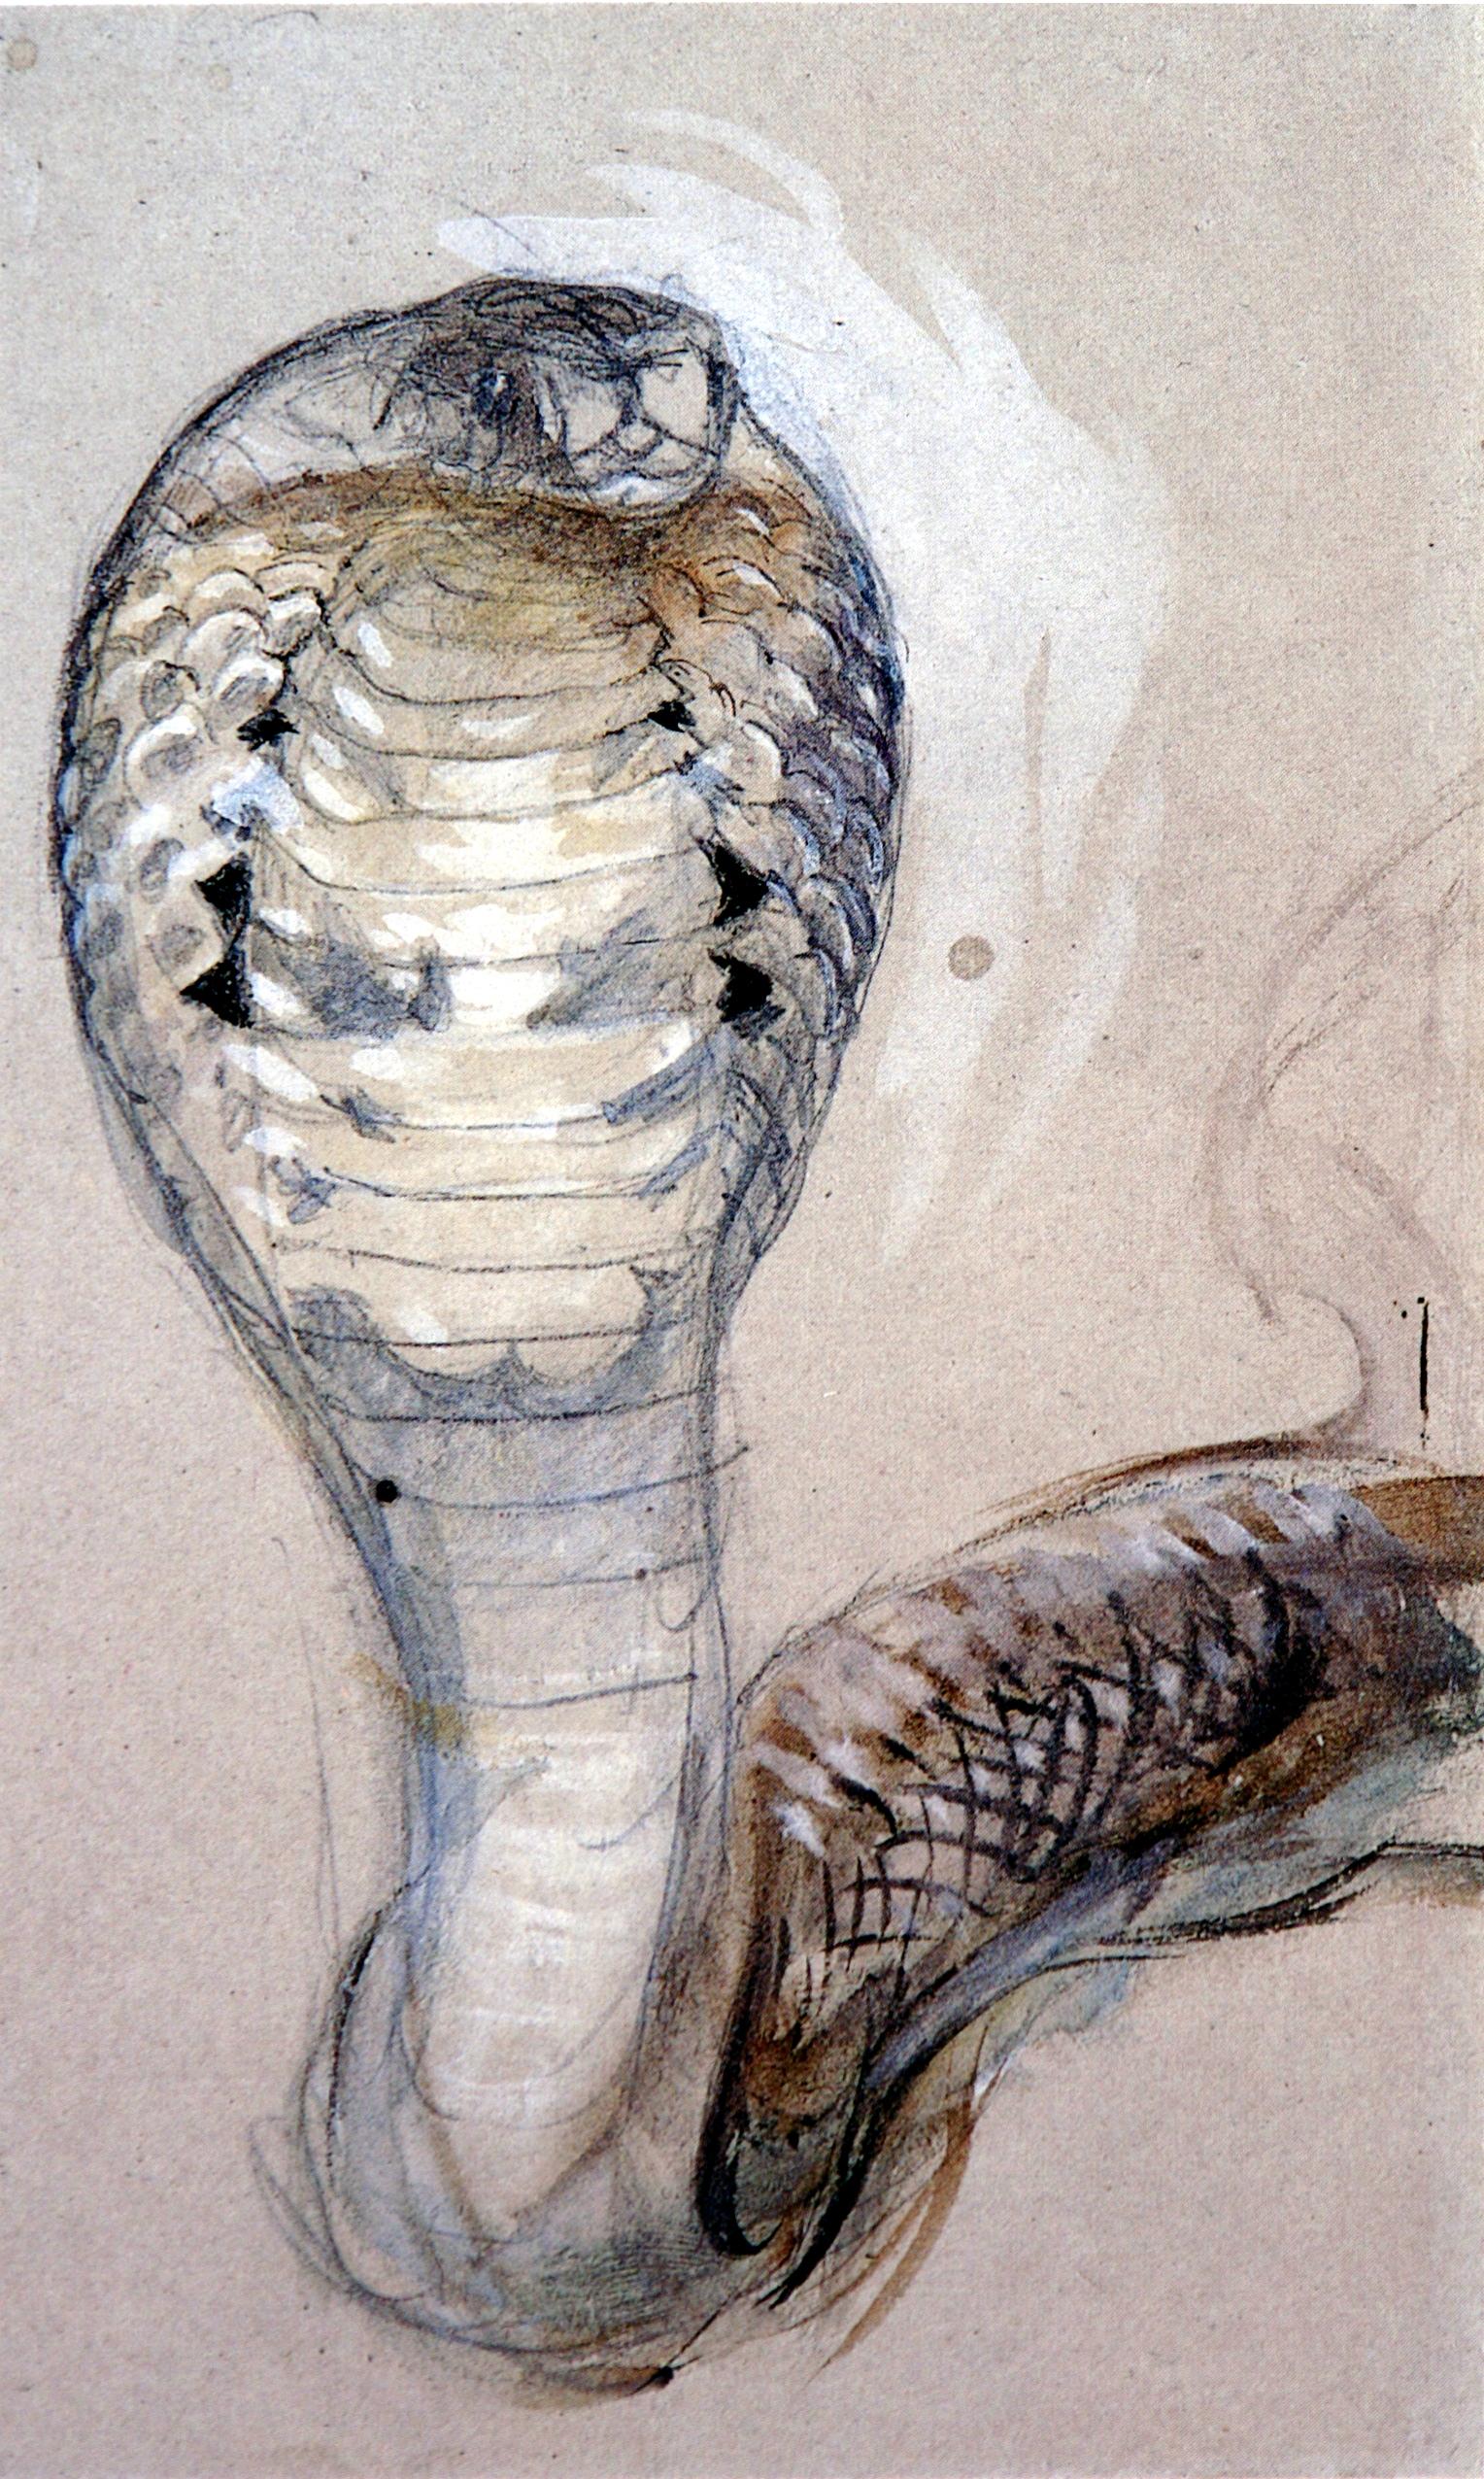 File:Full Face of Cobra Ruskin.jpg.